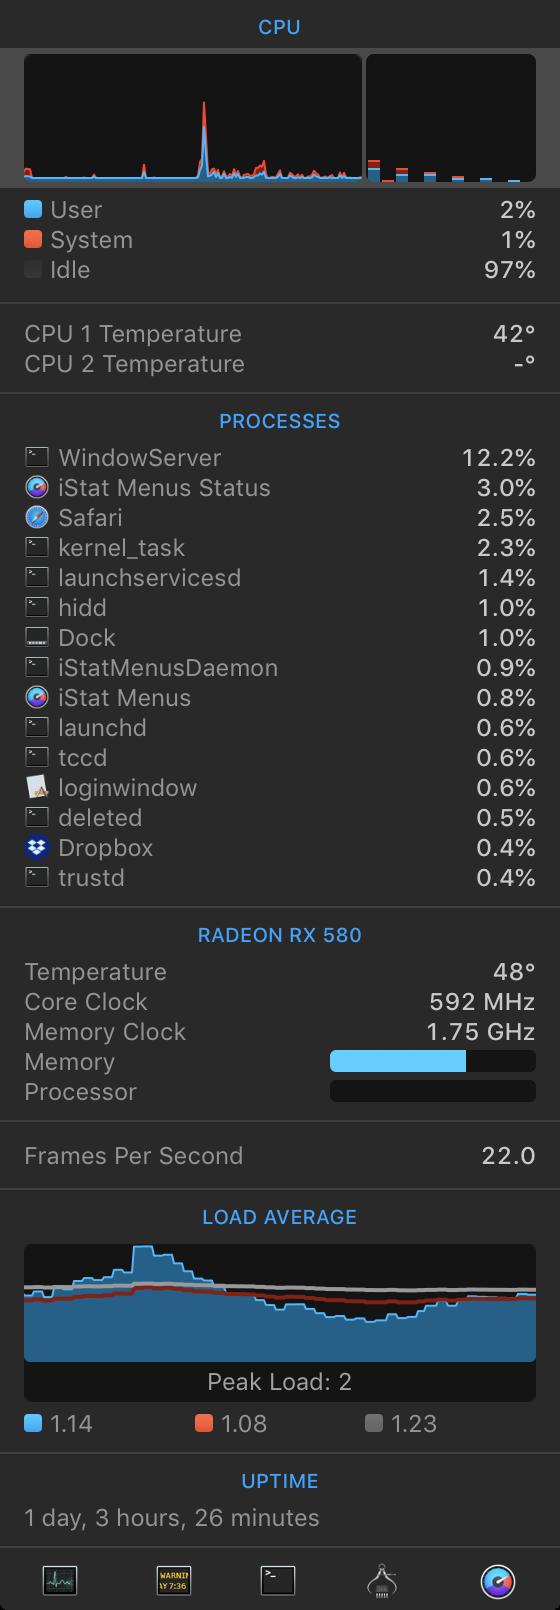 Screenshot 2018-11-23 at 16.55.53.png